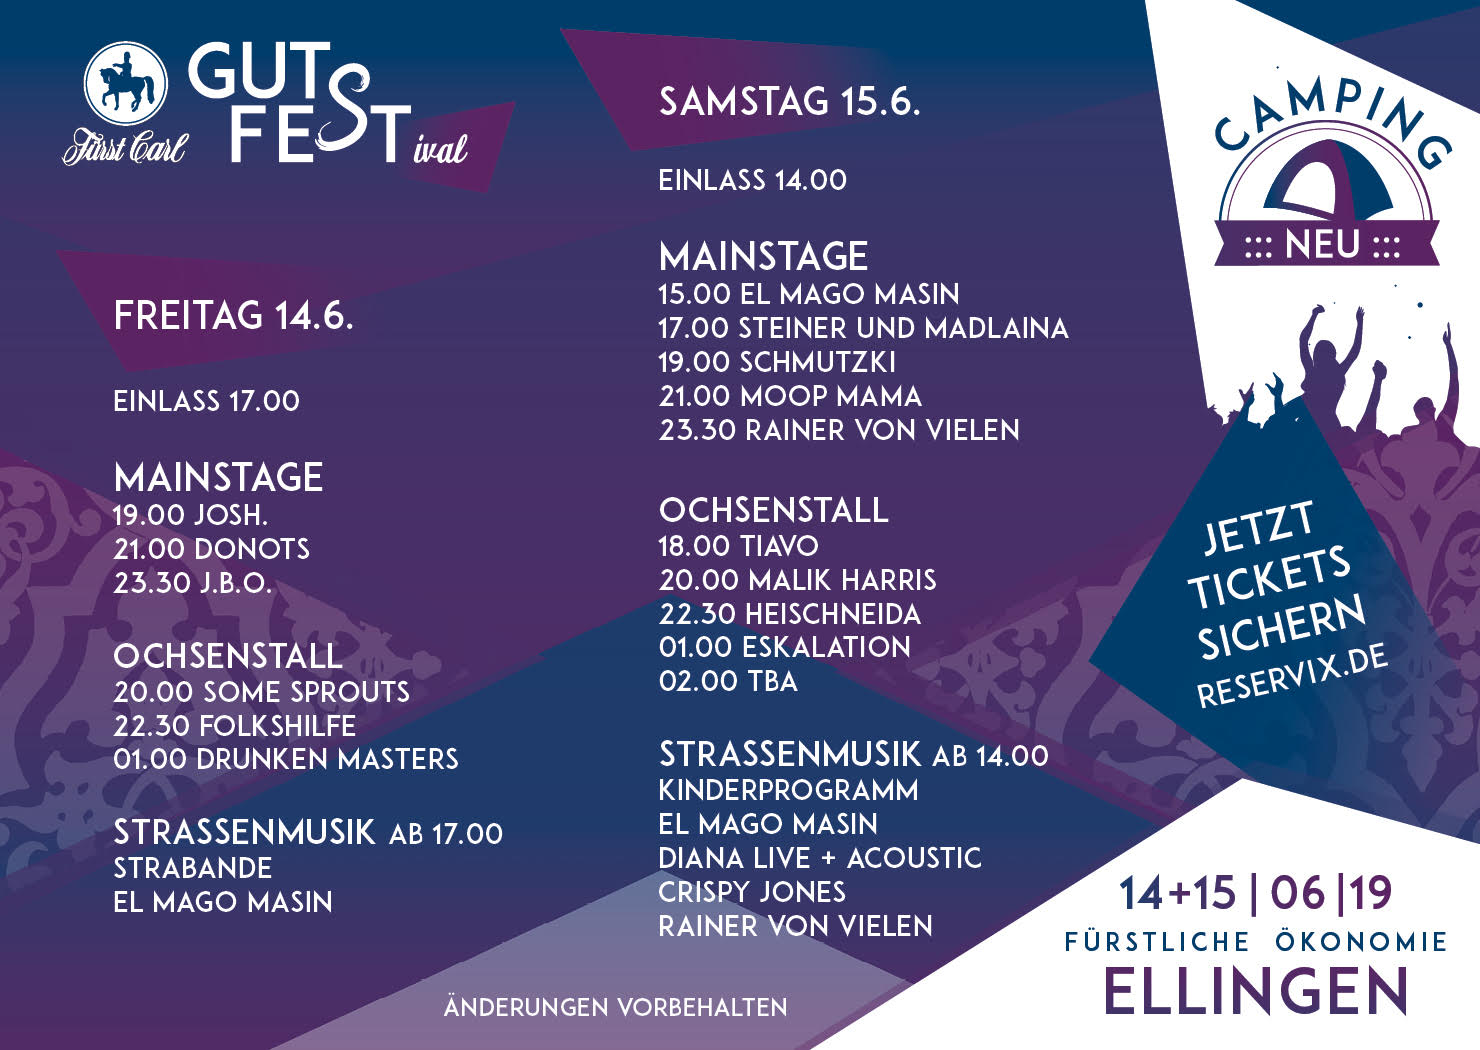 14.06.19 - Fürst Carl Gutsfest, Ellingen